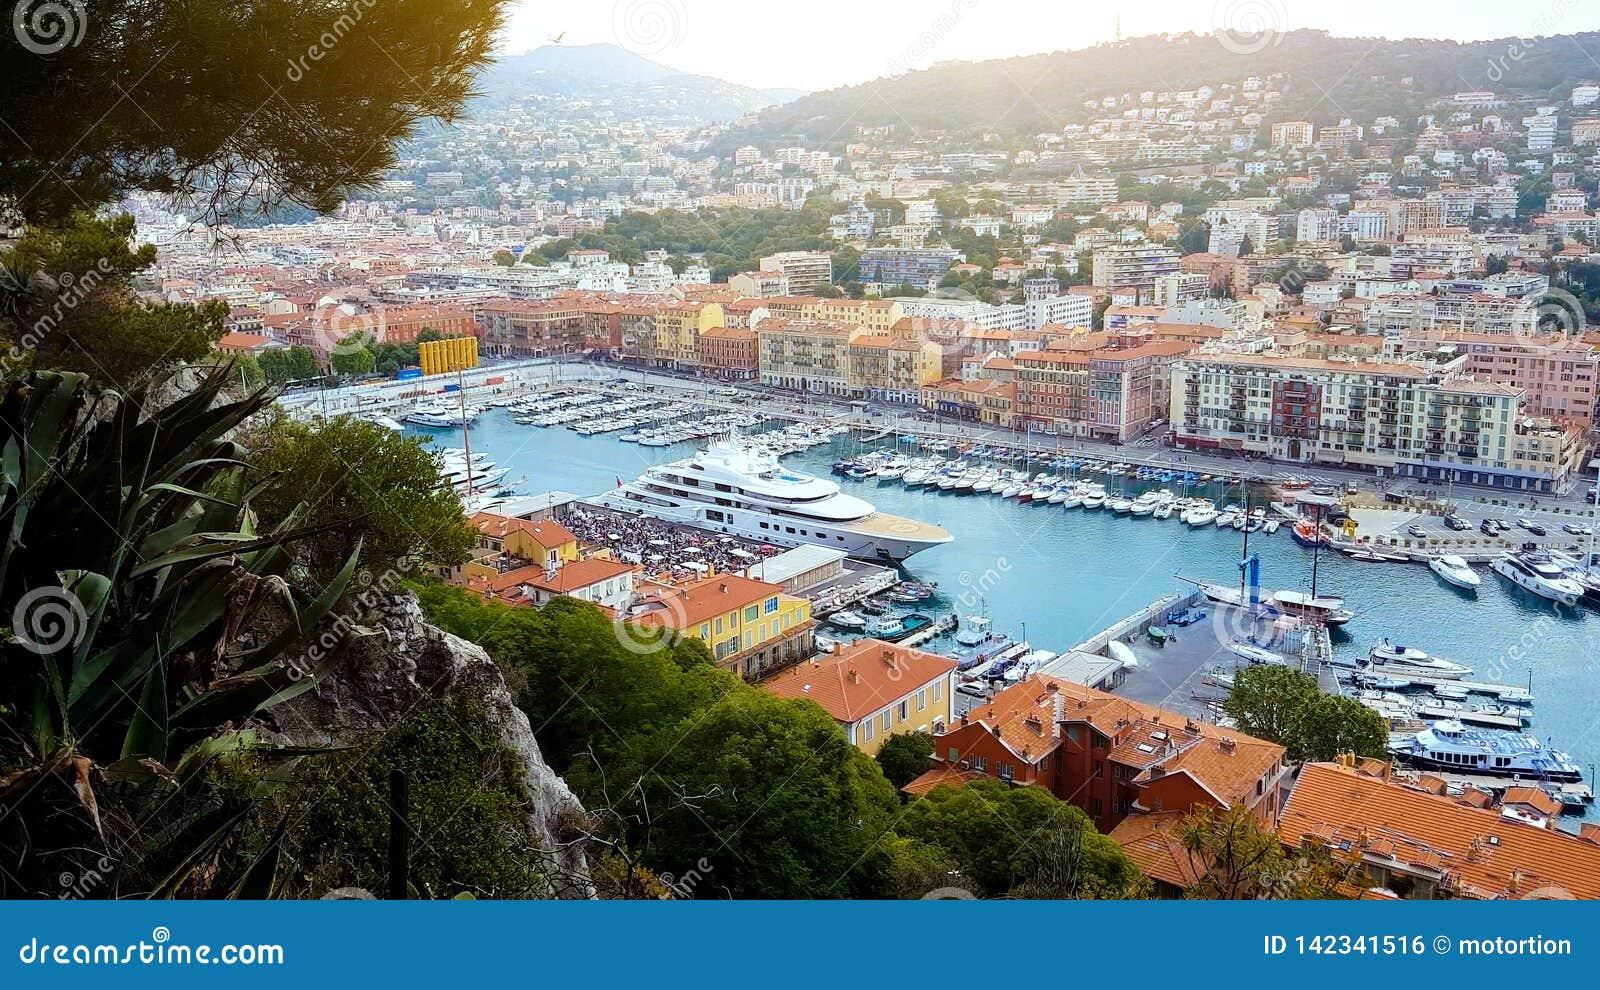 Yachten und Boote im Hafen von Nizza, Sommerstadtbild, französisches Riviera, Architektur